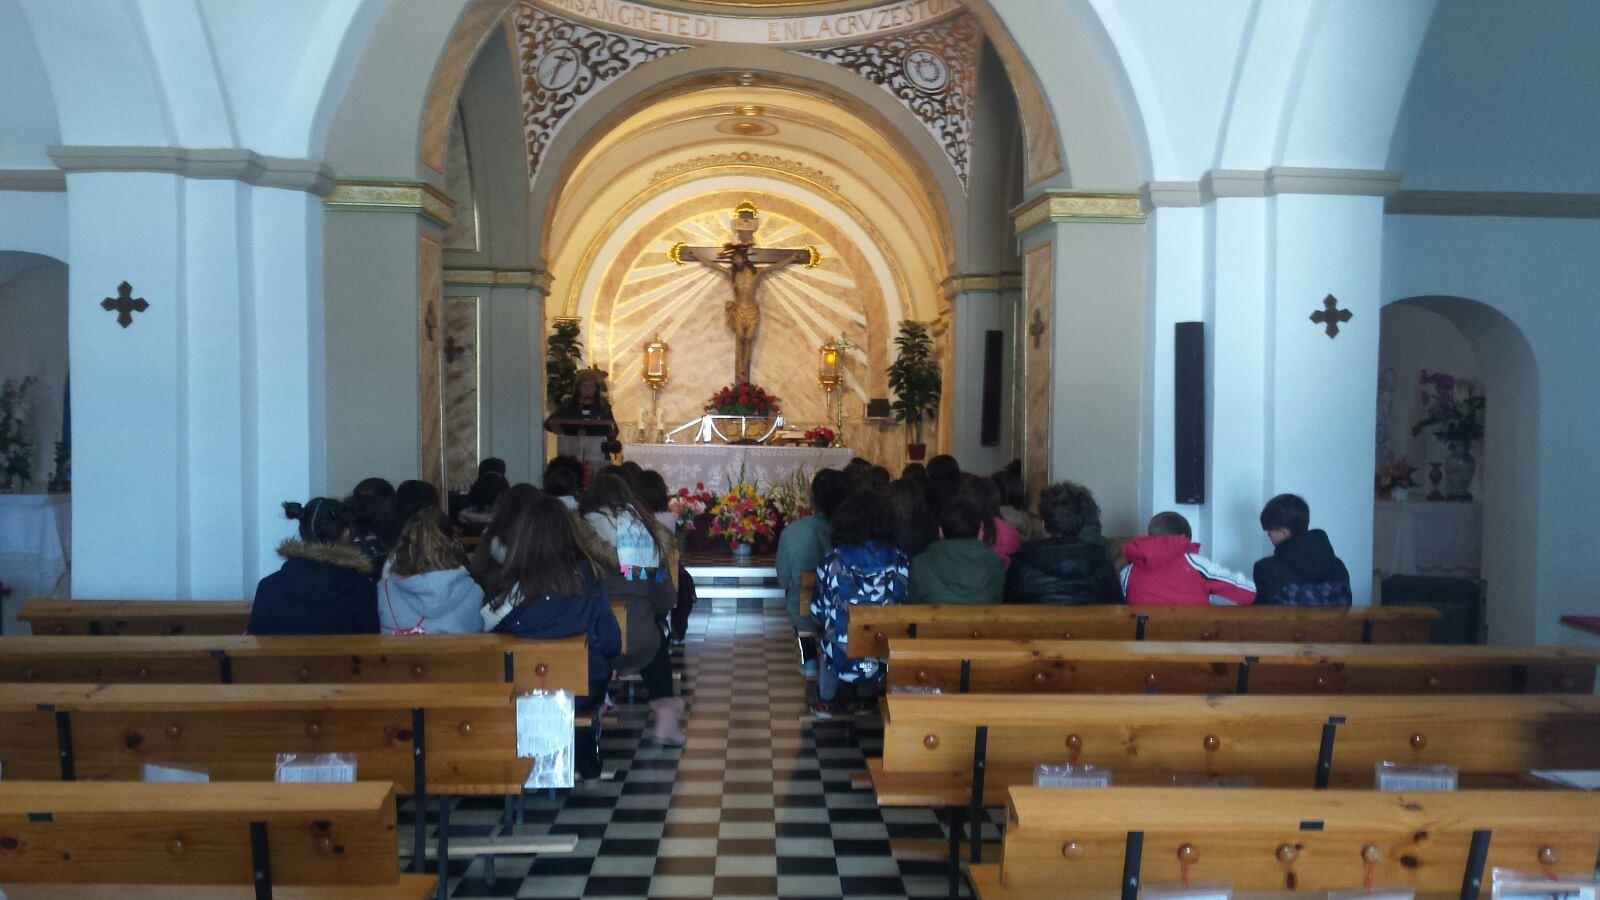 (2018-03-19) - Visita ermita alumnos Yolada-Pilar,6º, Virrey Poveda-9 de Octubre - Maria Isabel Berenquer Brotons - (17)